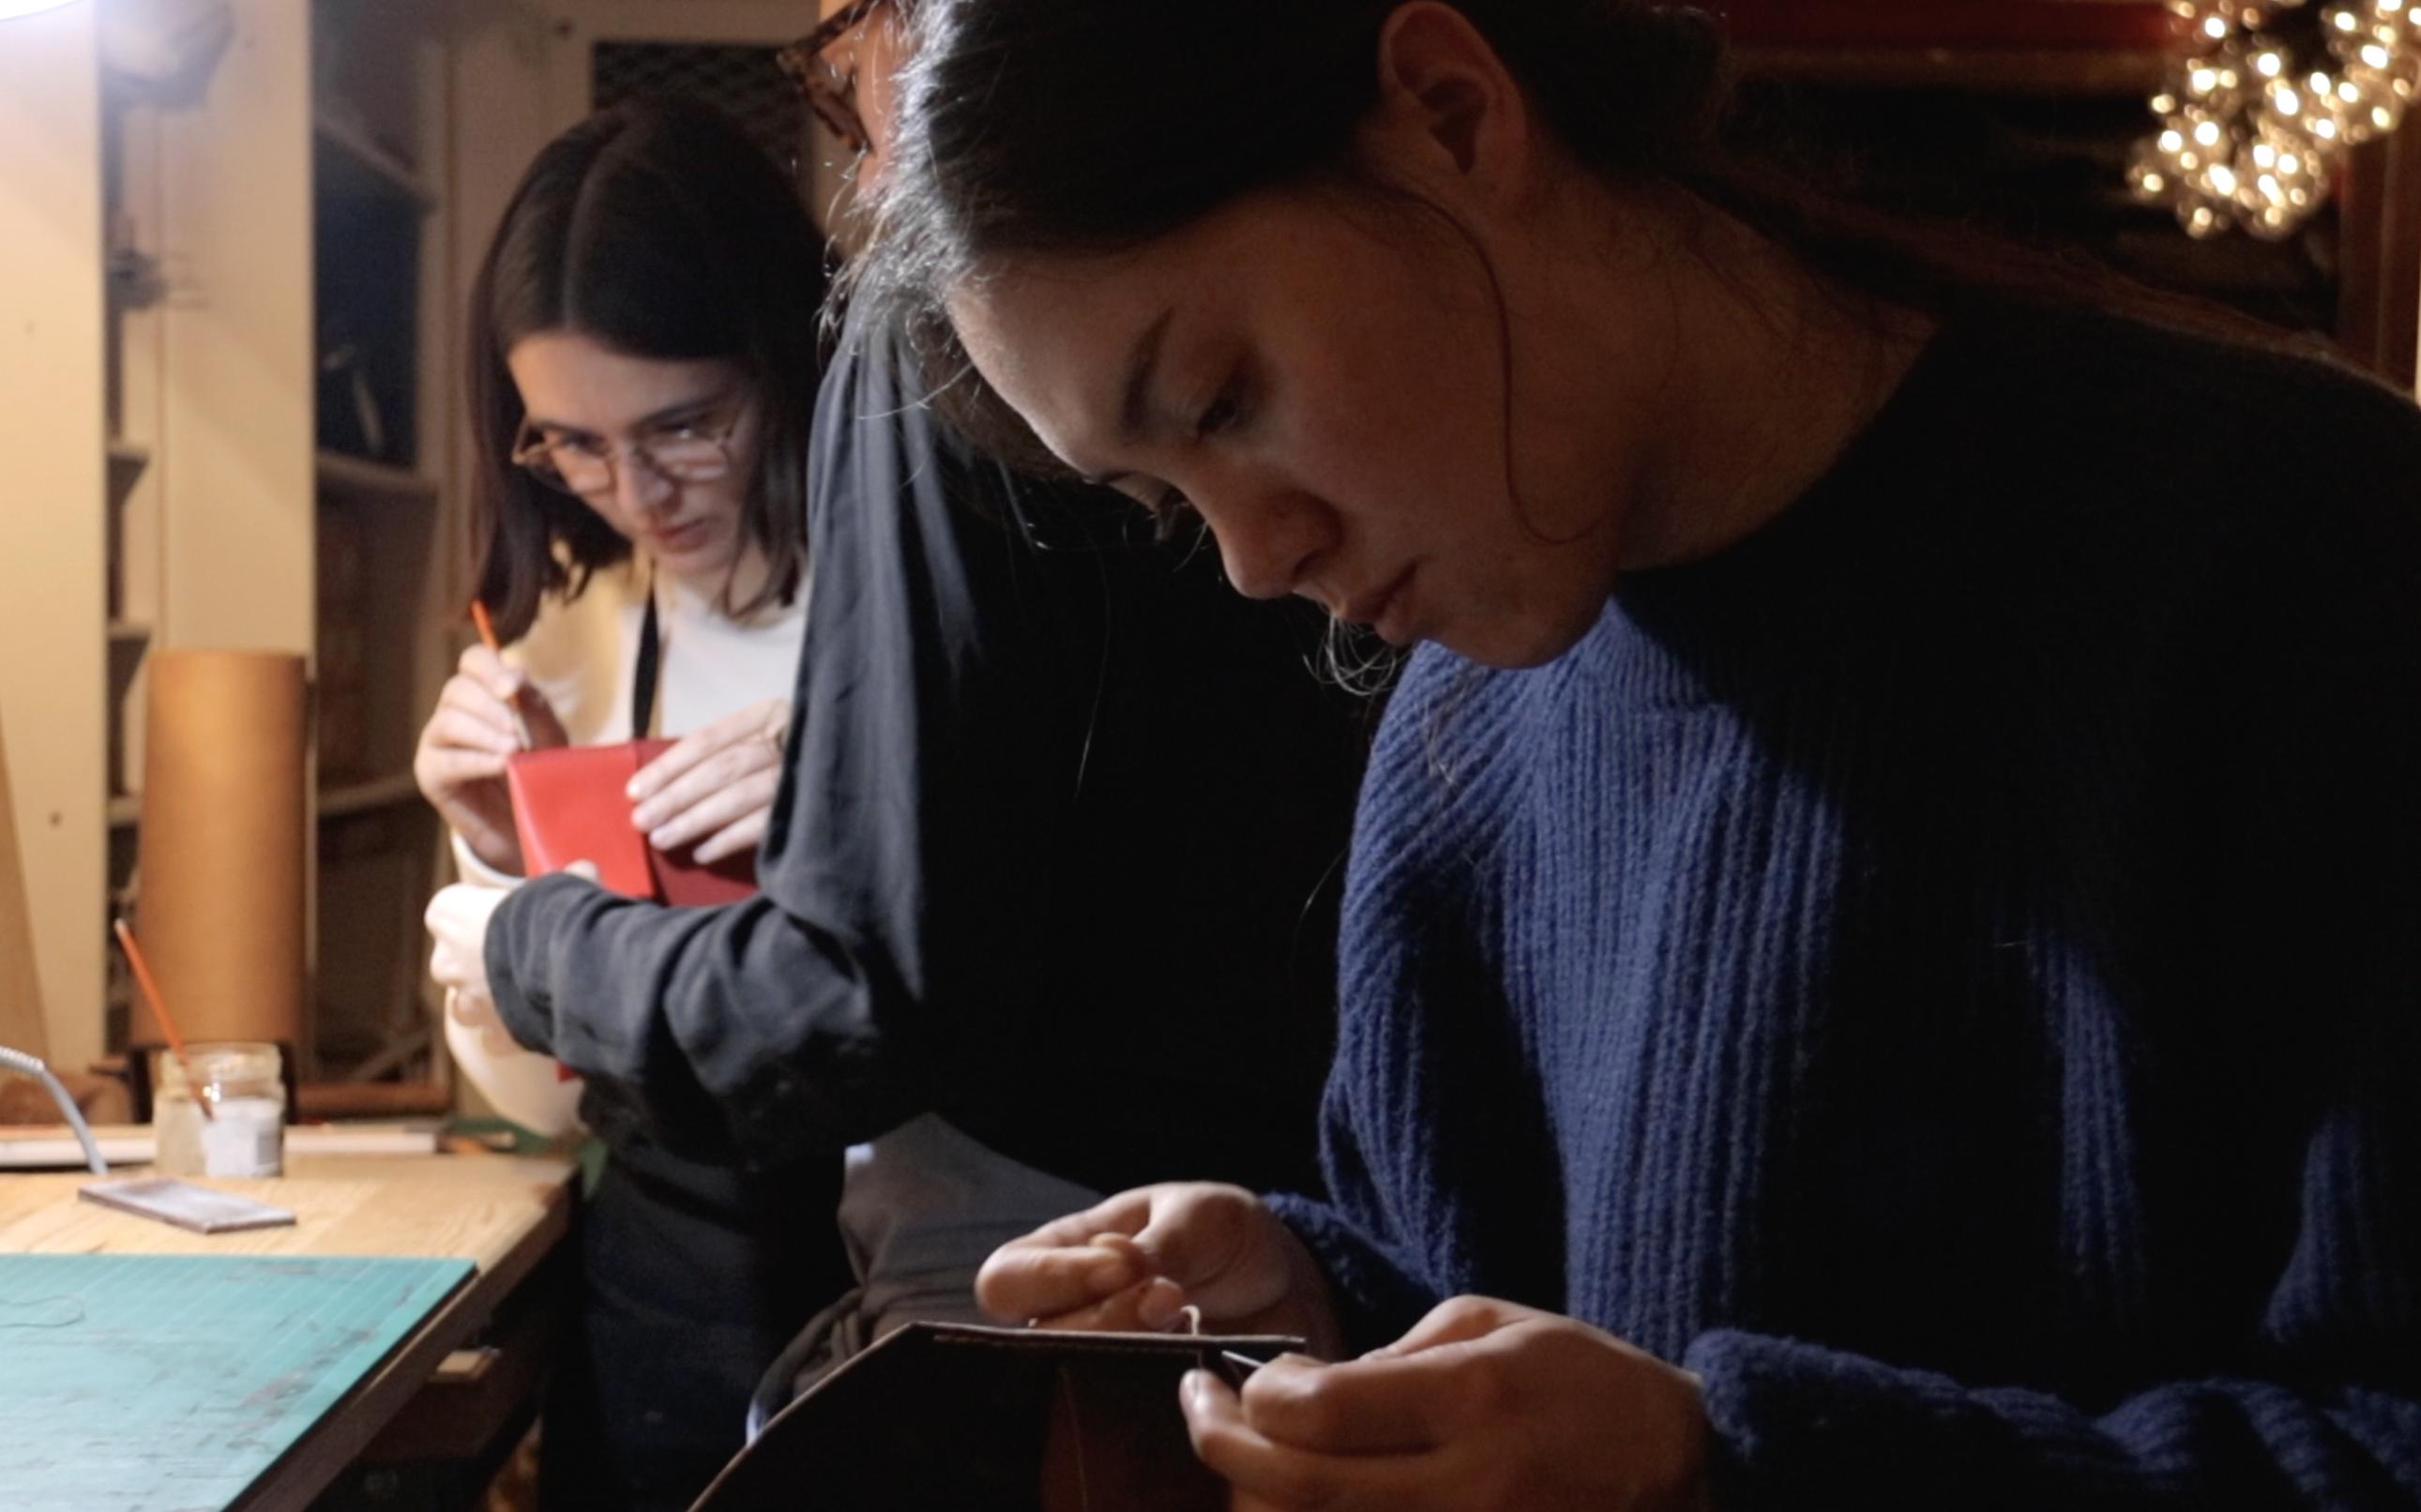 Des ateliers aupr s d 39 artisans l 39 id e de la start up wecandoo for Idee de start up